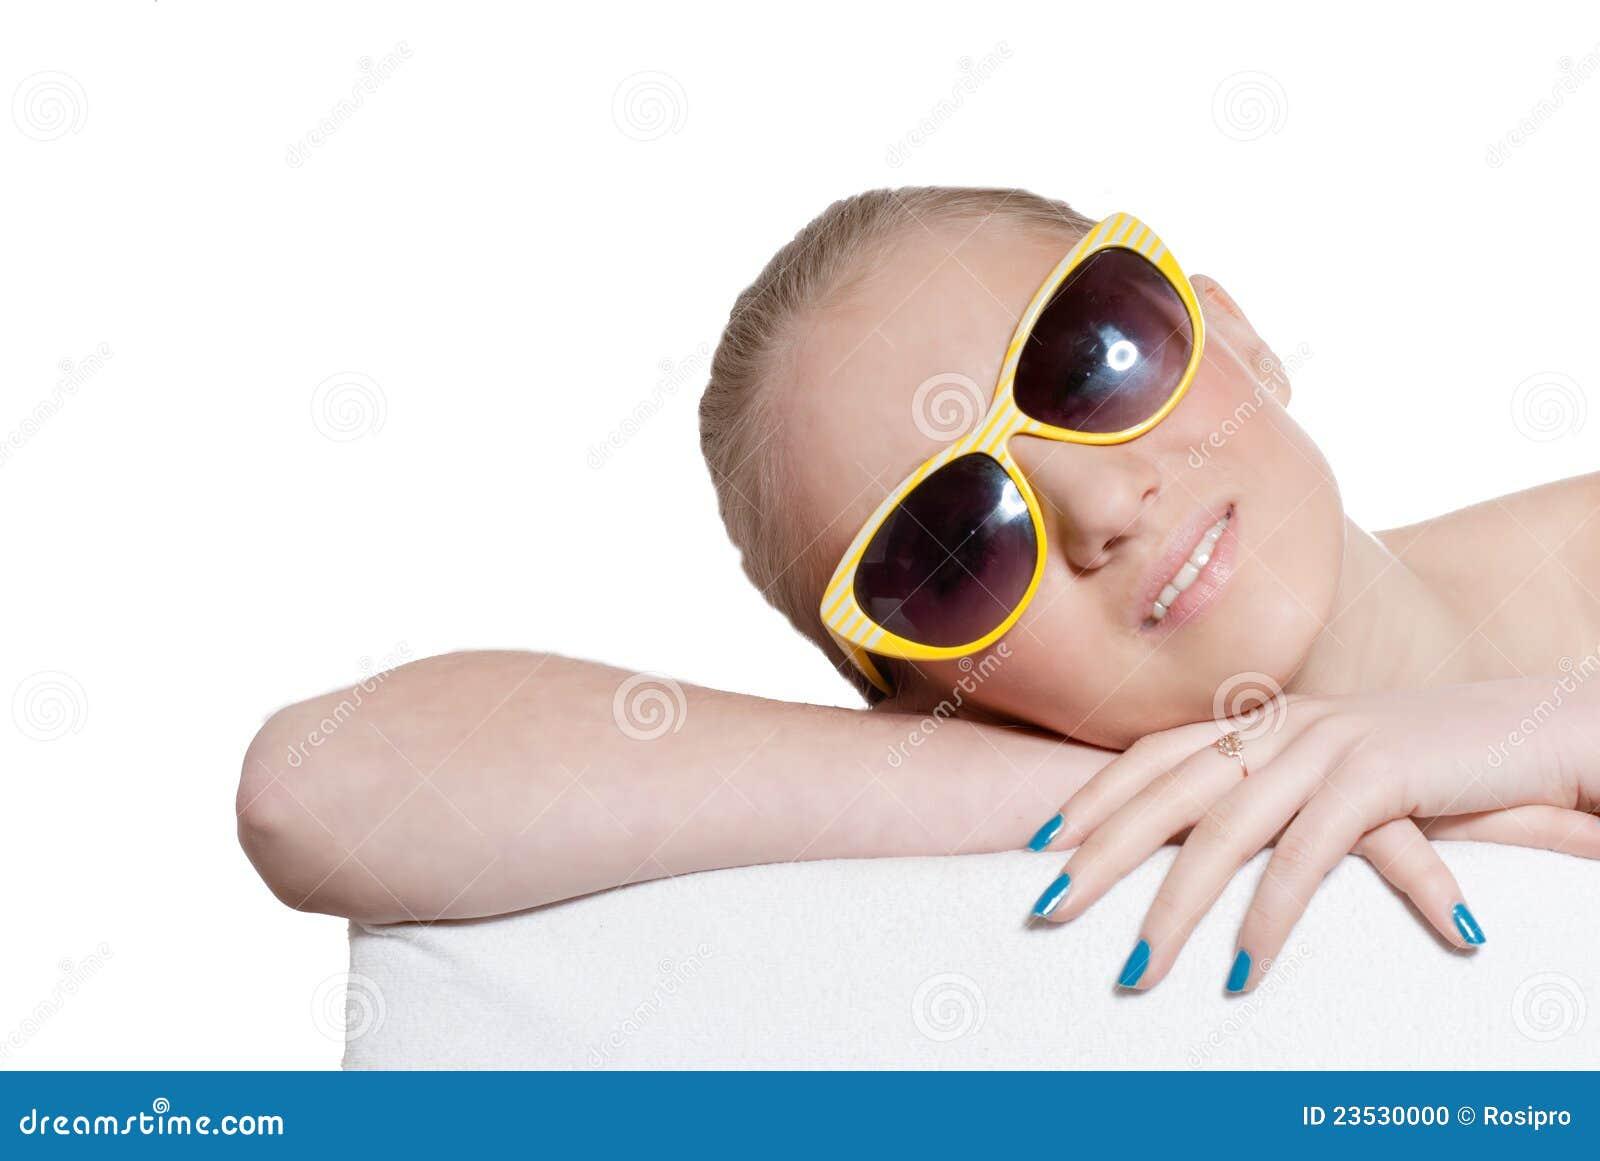 Belle jeune fille blonde normale avec des lunettes de soleil